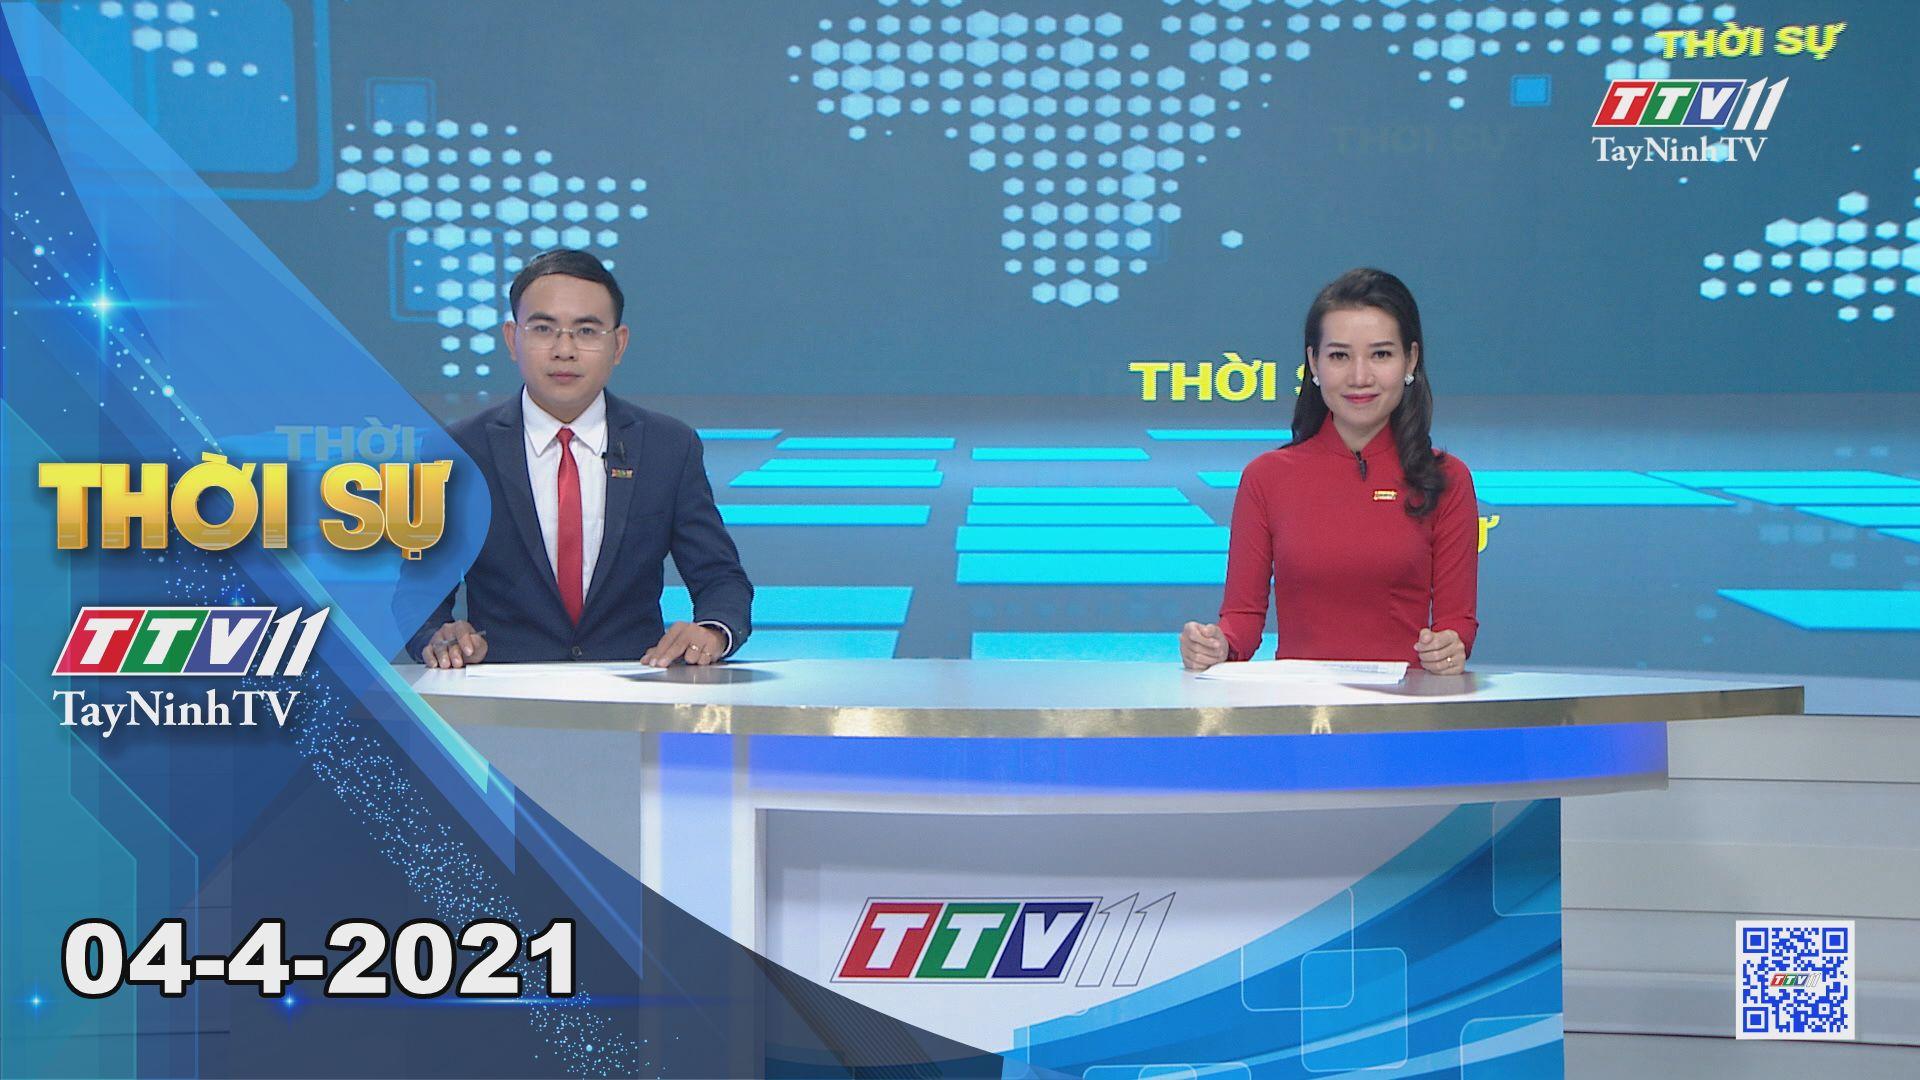 Thời sự Tây Ninh 04-4-2021 | Tin tức hôm nay | TayNinhTV